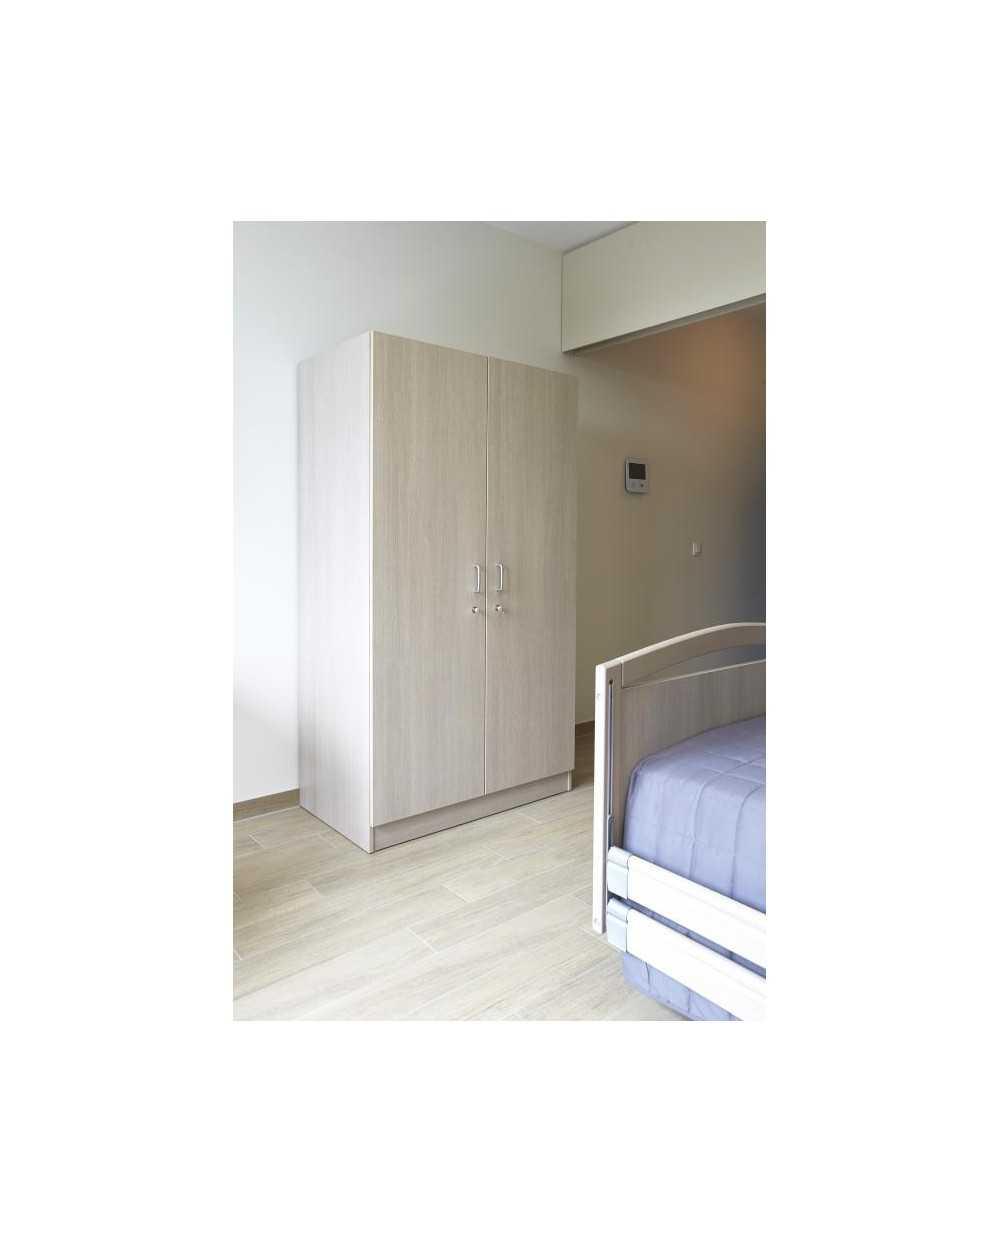 Garde-robe avec serrures, panneaux hêtre clair, 2 portes, 120 x 60 x 200cm.